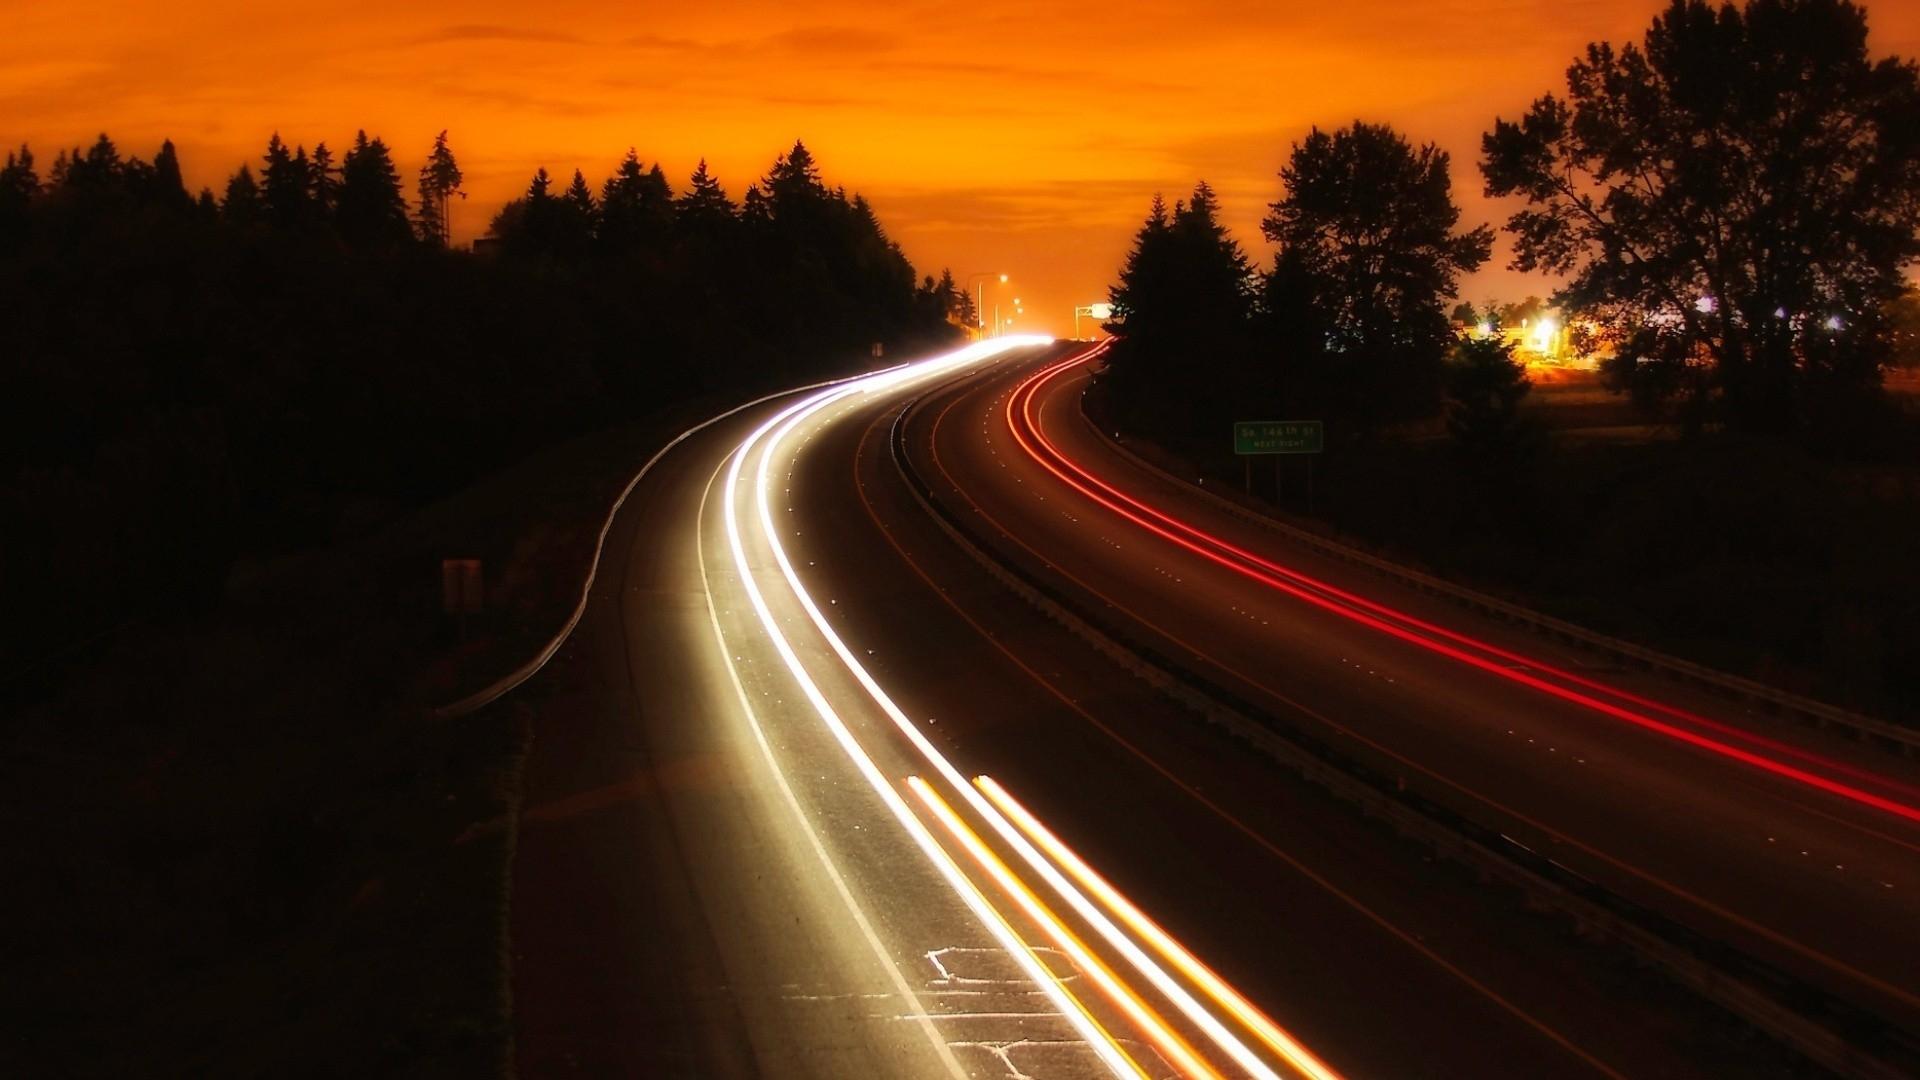 Картинка машины едет ночью